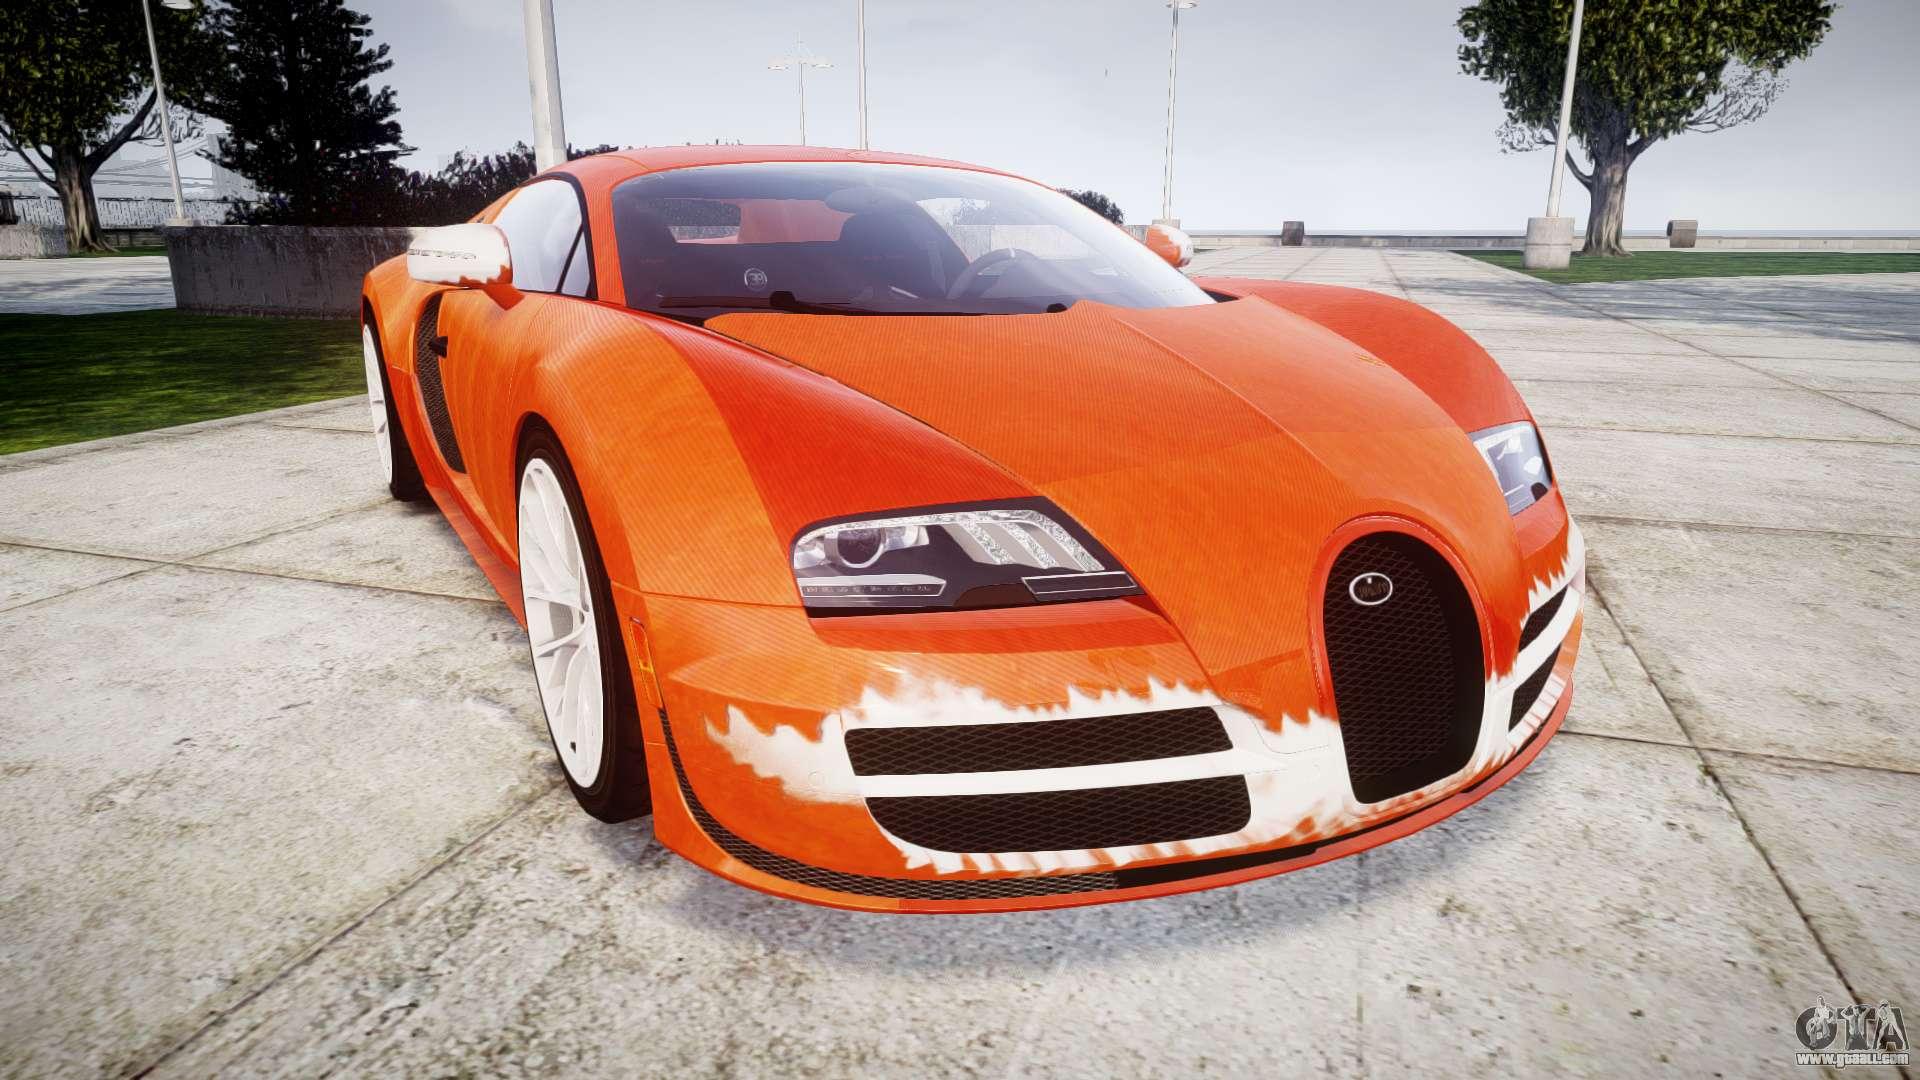 227732-GTAIV-2014-11-02-03-34-48-062 Terrific Bugatti Veyron Mod Gta Sa Cars Trend